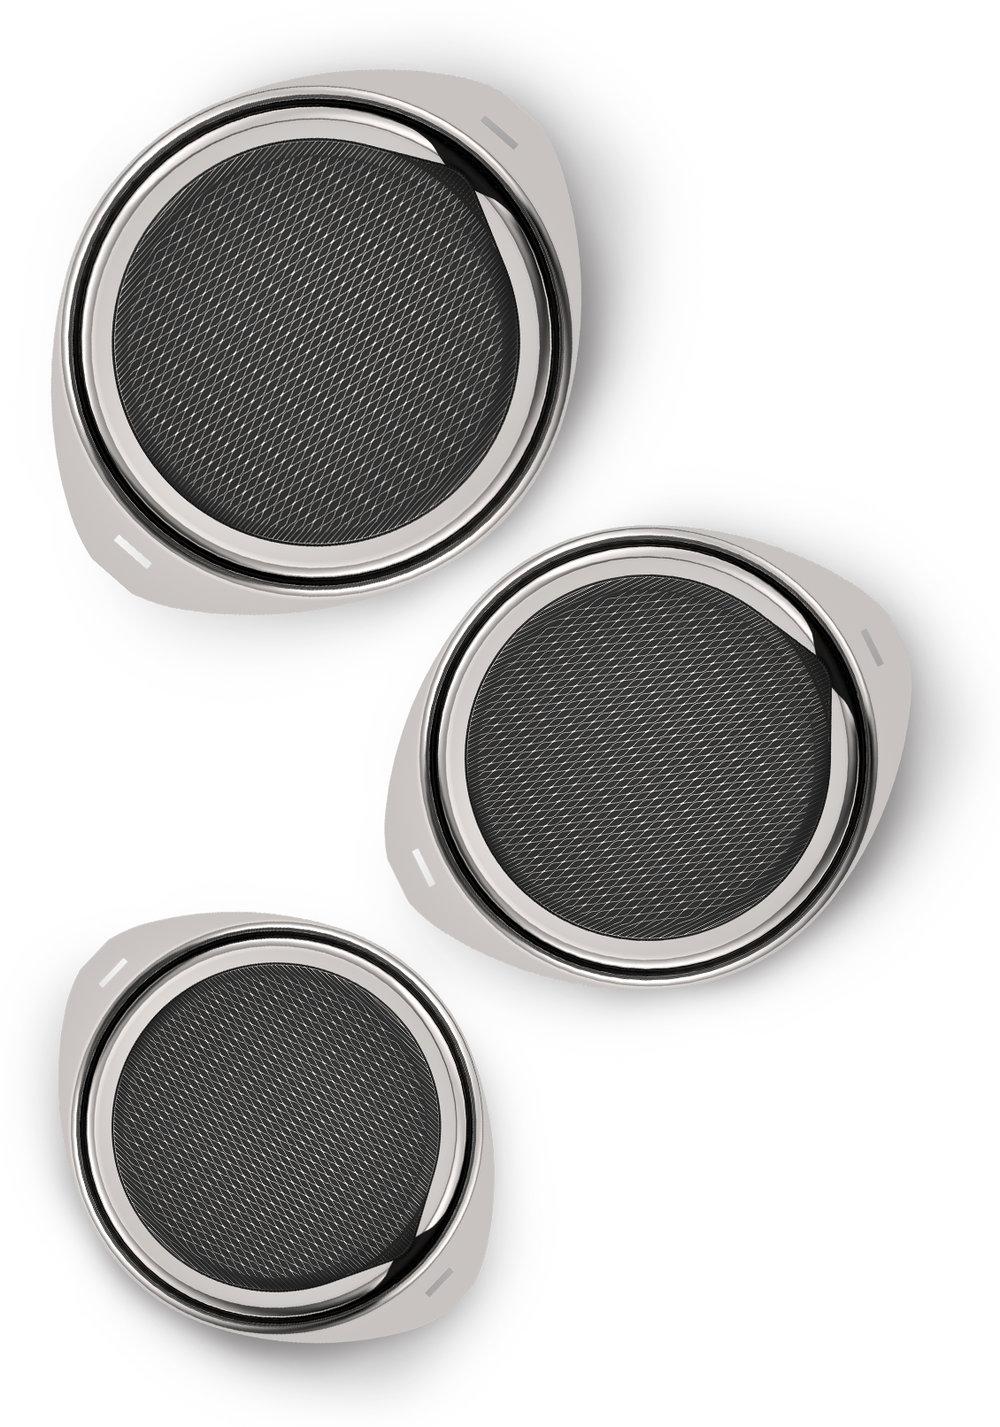 CORPS MULTIPLIS : TRIPLIS - L'idée est d'alterner inox/alu/inox afin d'optimiser la conduction de chaleur pour faire des économies d'énergie. L'inox de haute qualité offre une grande durabilité de l'ustensile et fait de cette gamme l'une des plus performantes du marché.• Très longue durée de vie de votre ustensile • Optimise la conduction de chaleur